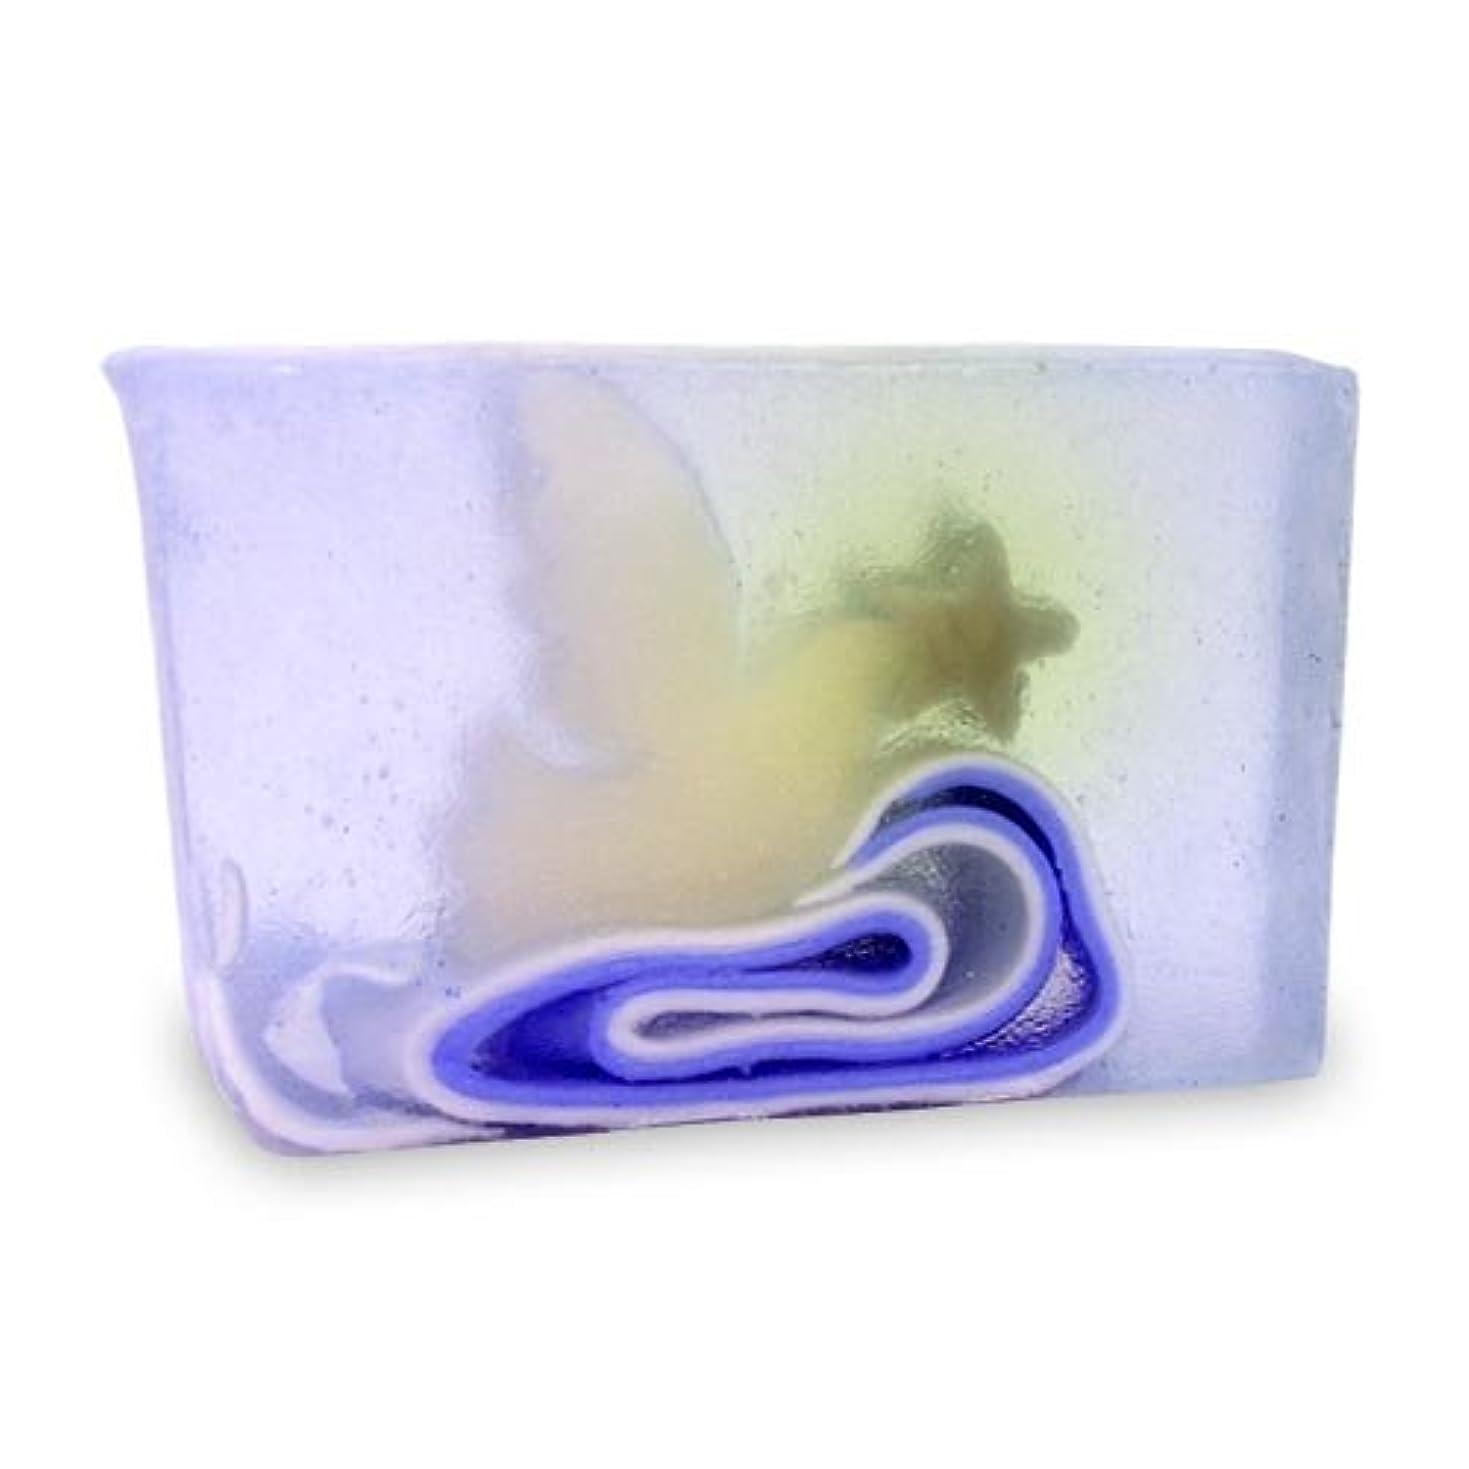 アライアンス球体写真のプライモールエレメンツ アロマティック ソープ ピース 180g 植物性 ナチュラル 石鹸 無添加